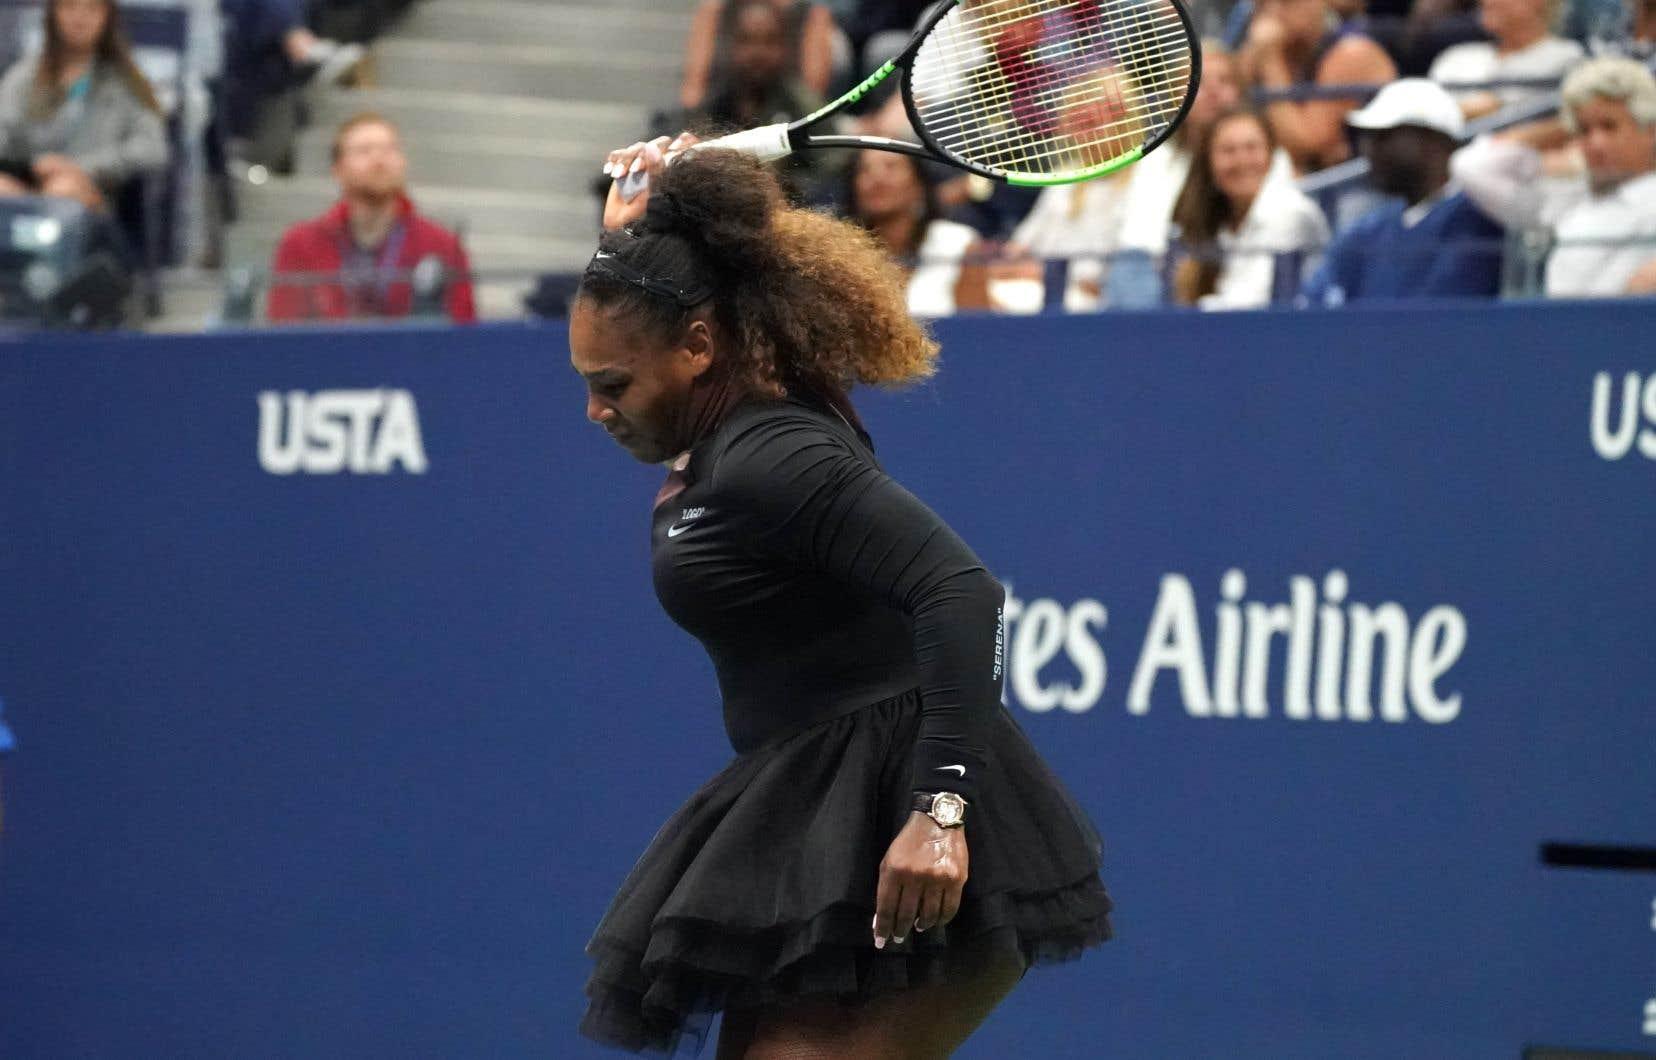 Serena Williams est défaite par la Japonaise Naomi Osaka aux Internationaux de tennis des États-Unis.